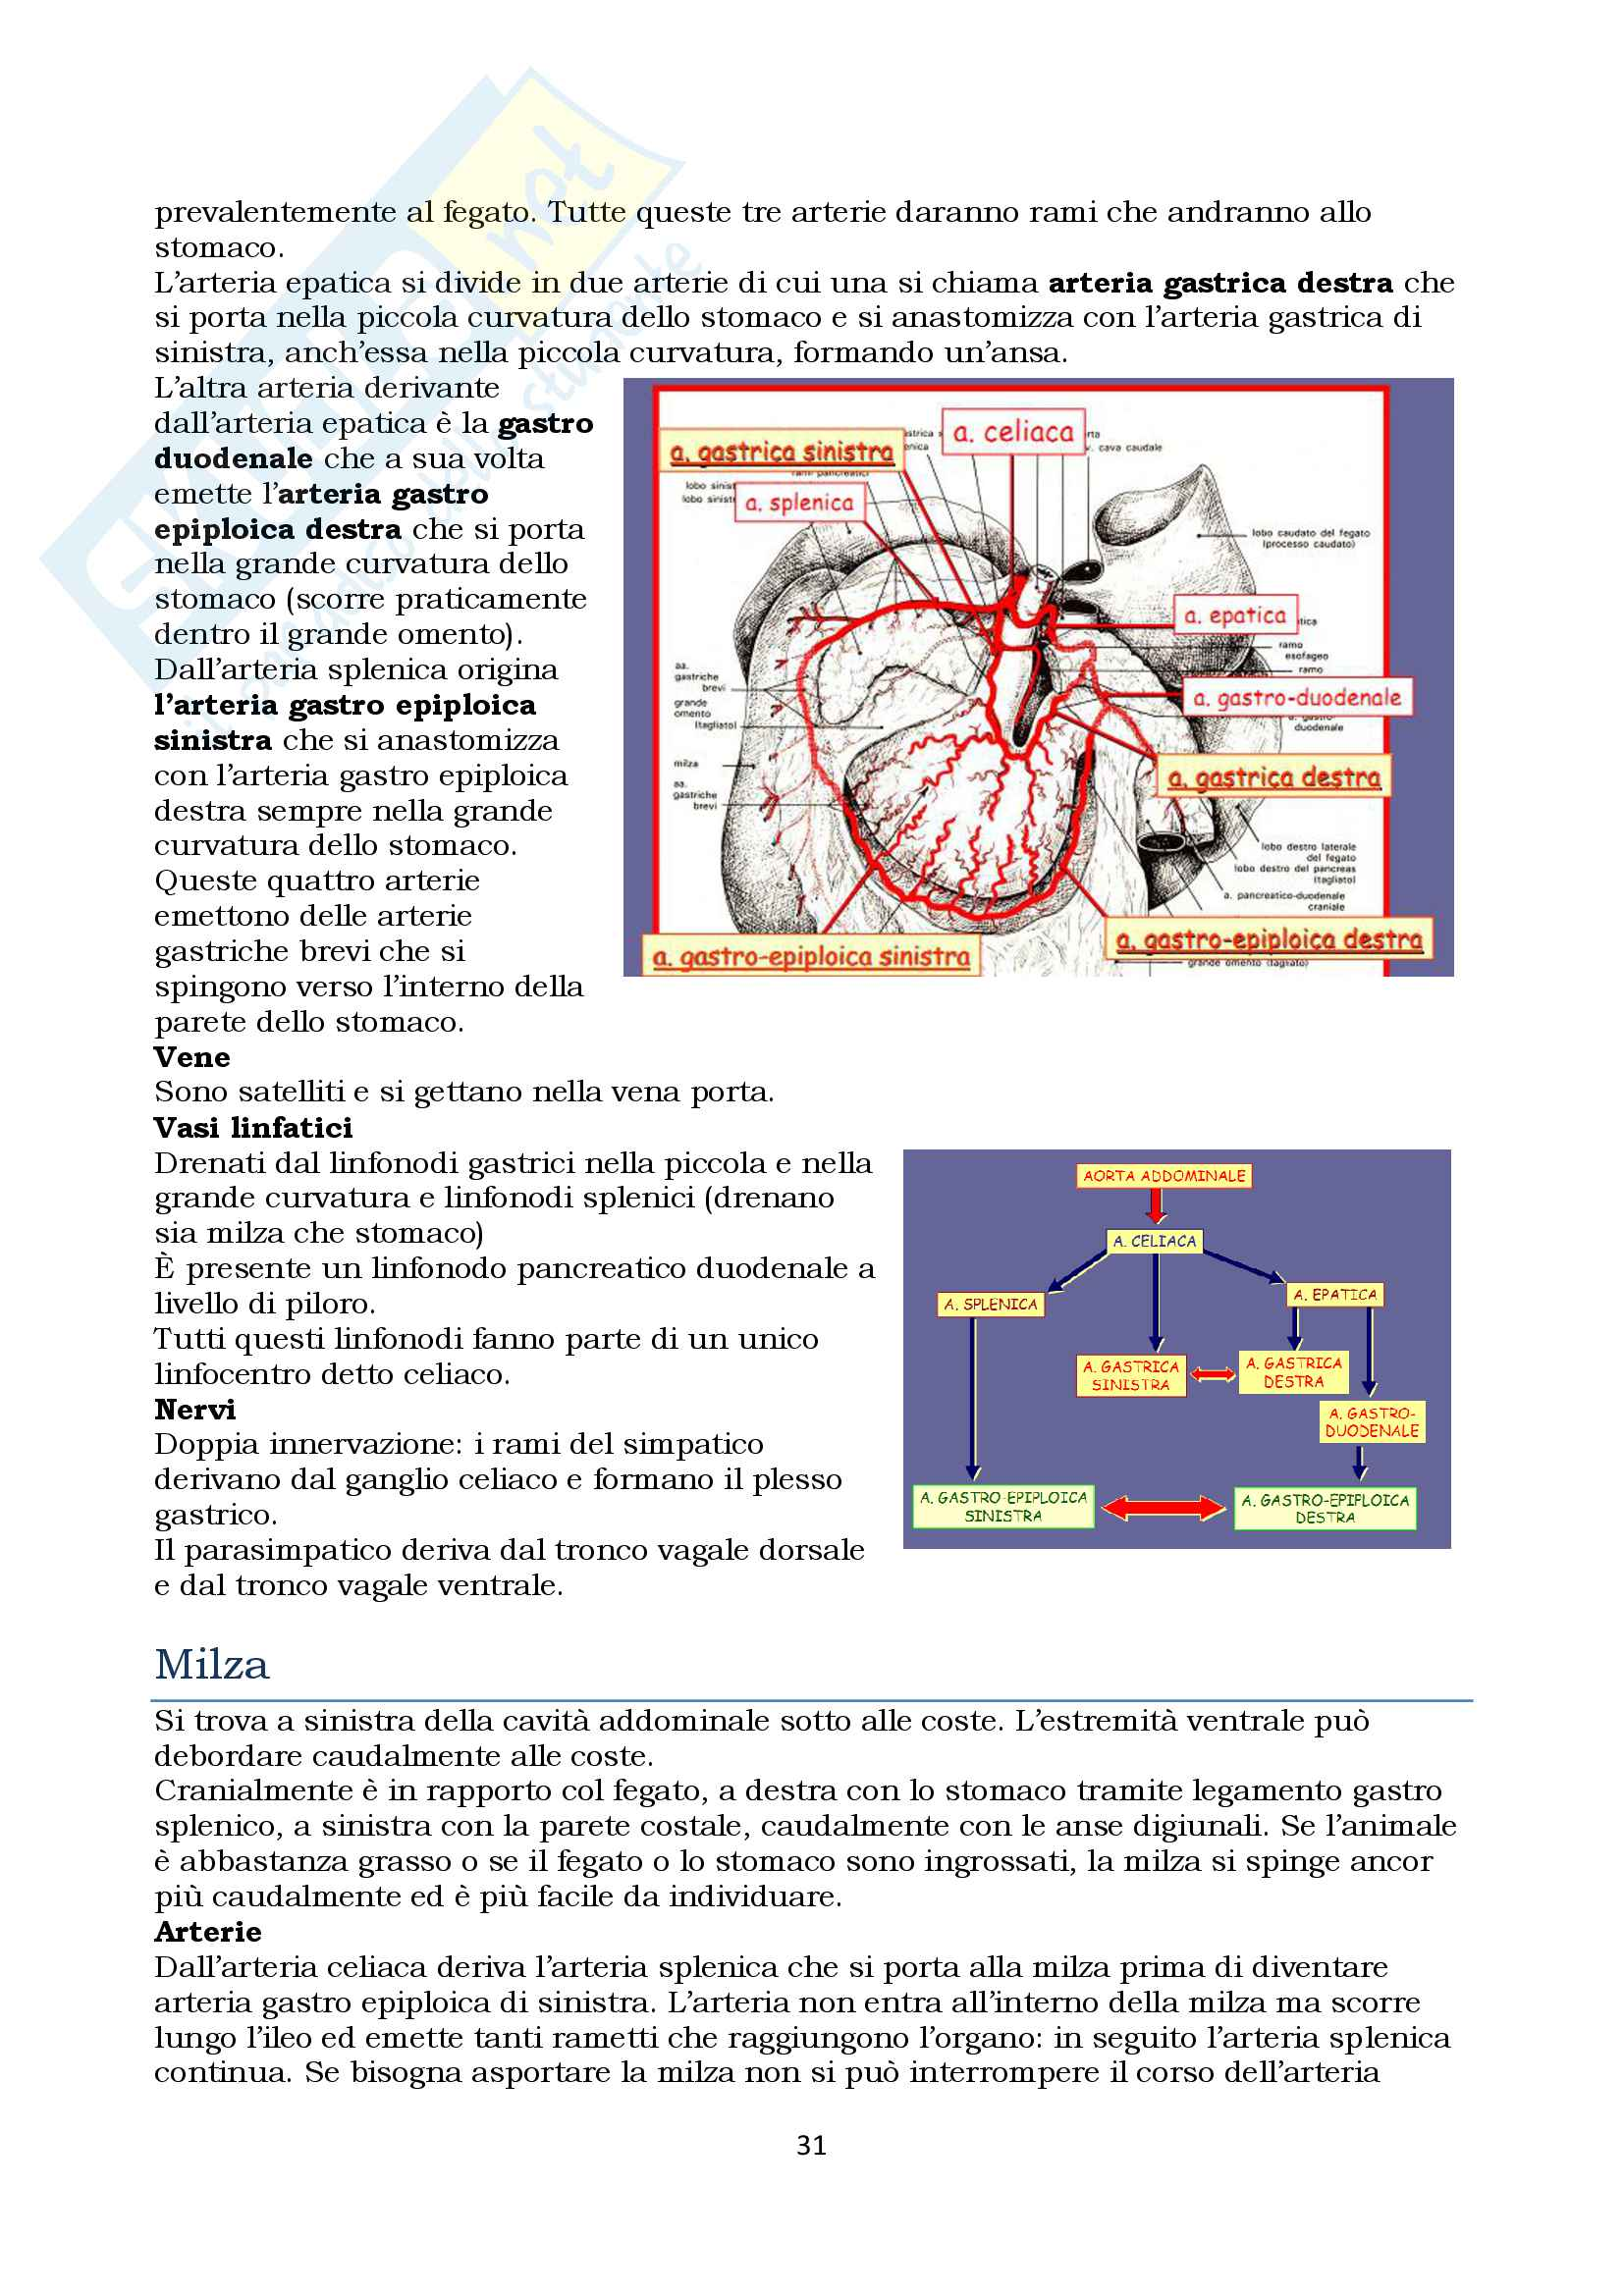 Anatomia topografica veterinaria parte II (piccoli e grandi animali) Pag. 31